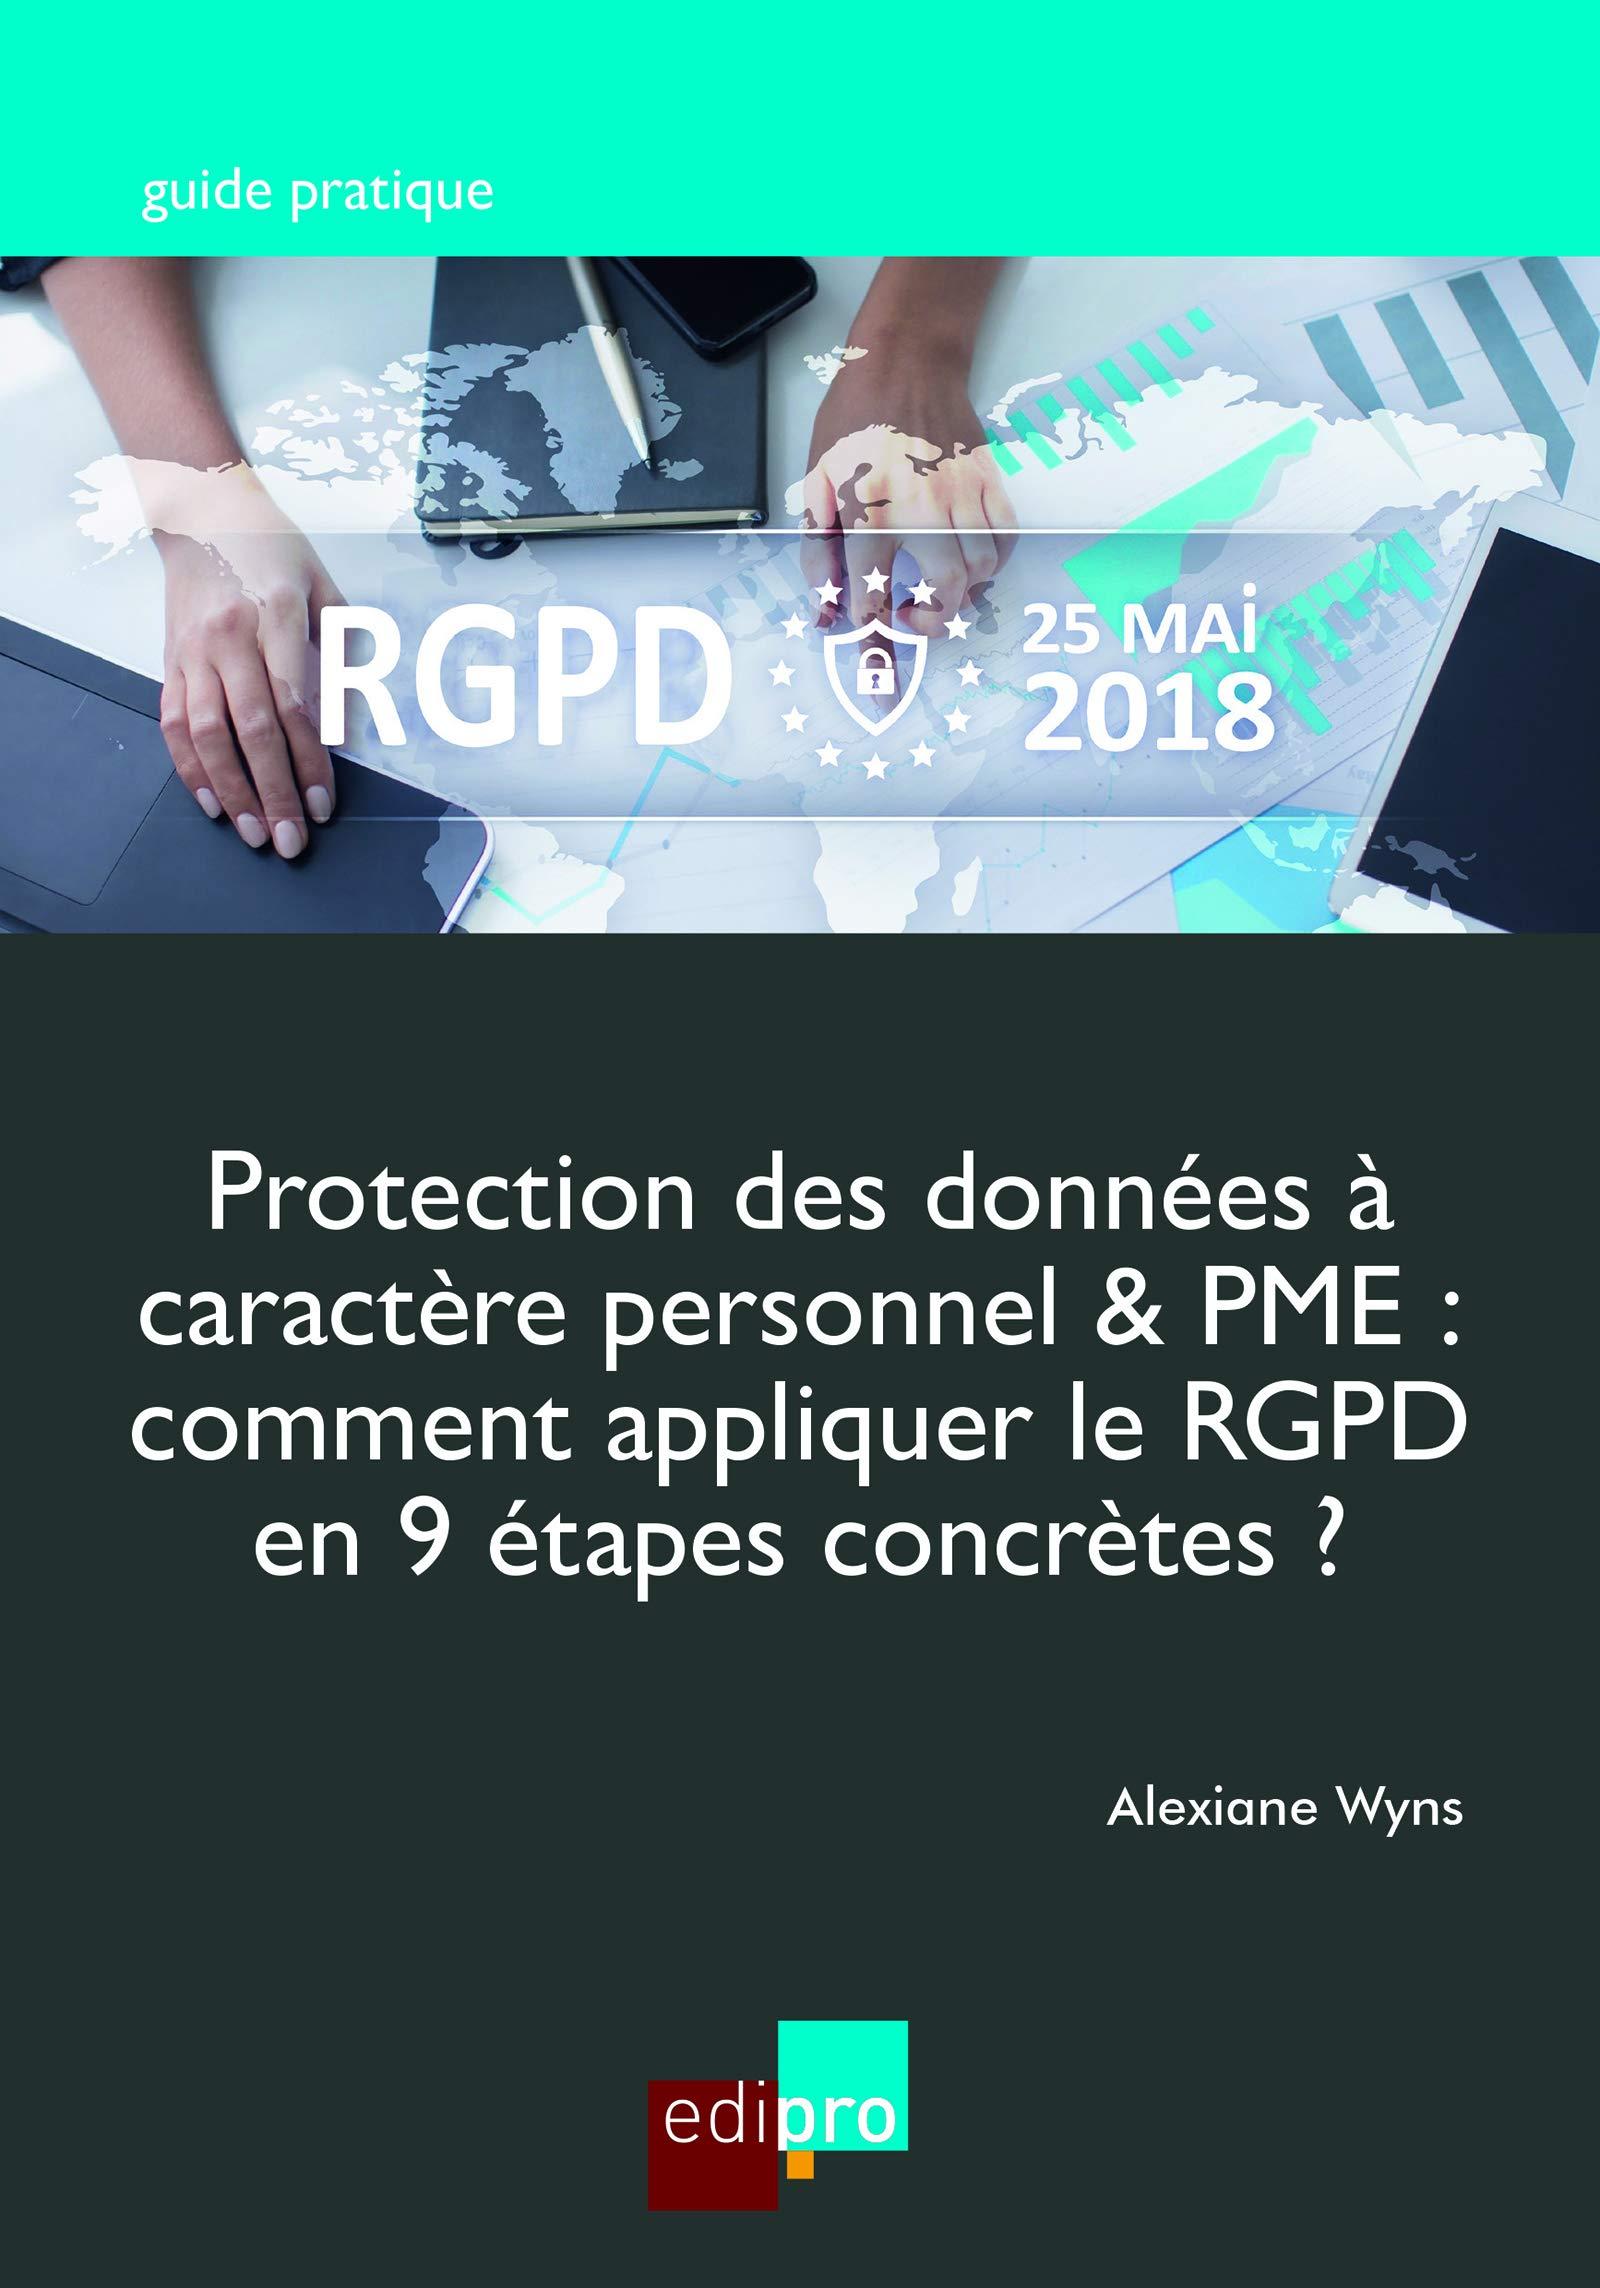 Protection des données à caractère personnel & PME: Comment appliquer le RGPD  en 9 étapes concrètes ? (Guide pratique) par Alexiane Wyns